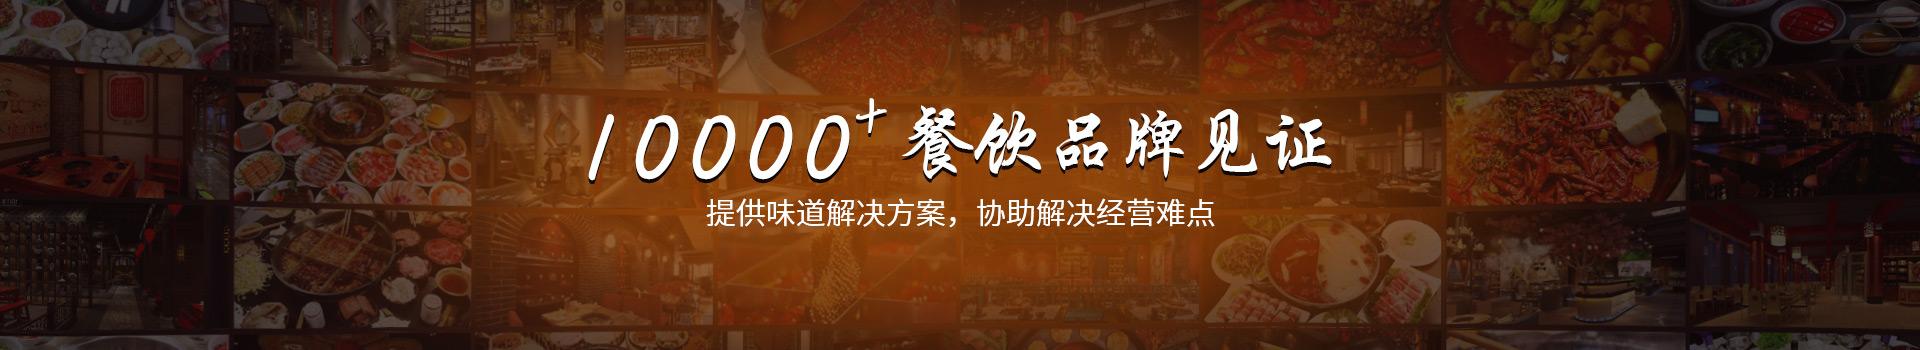 大厨四宝 10000+餐饮品牌见证